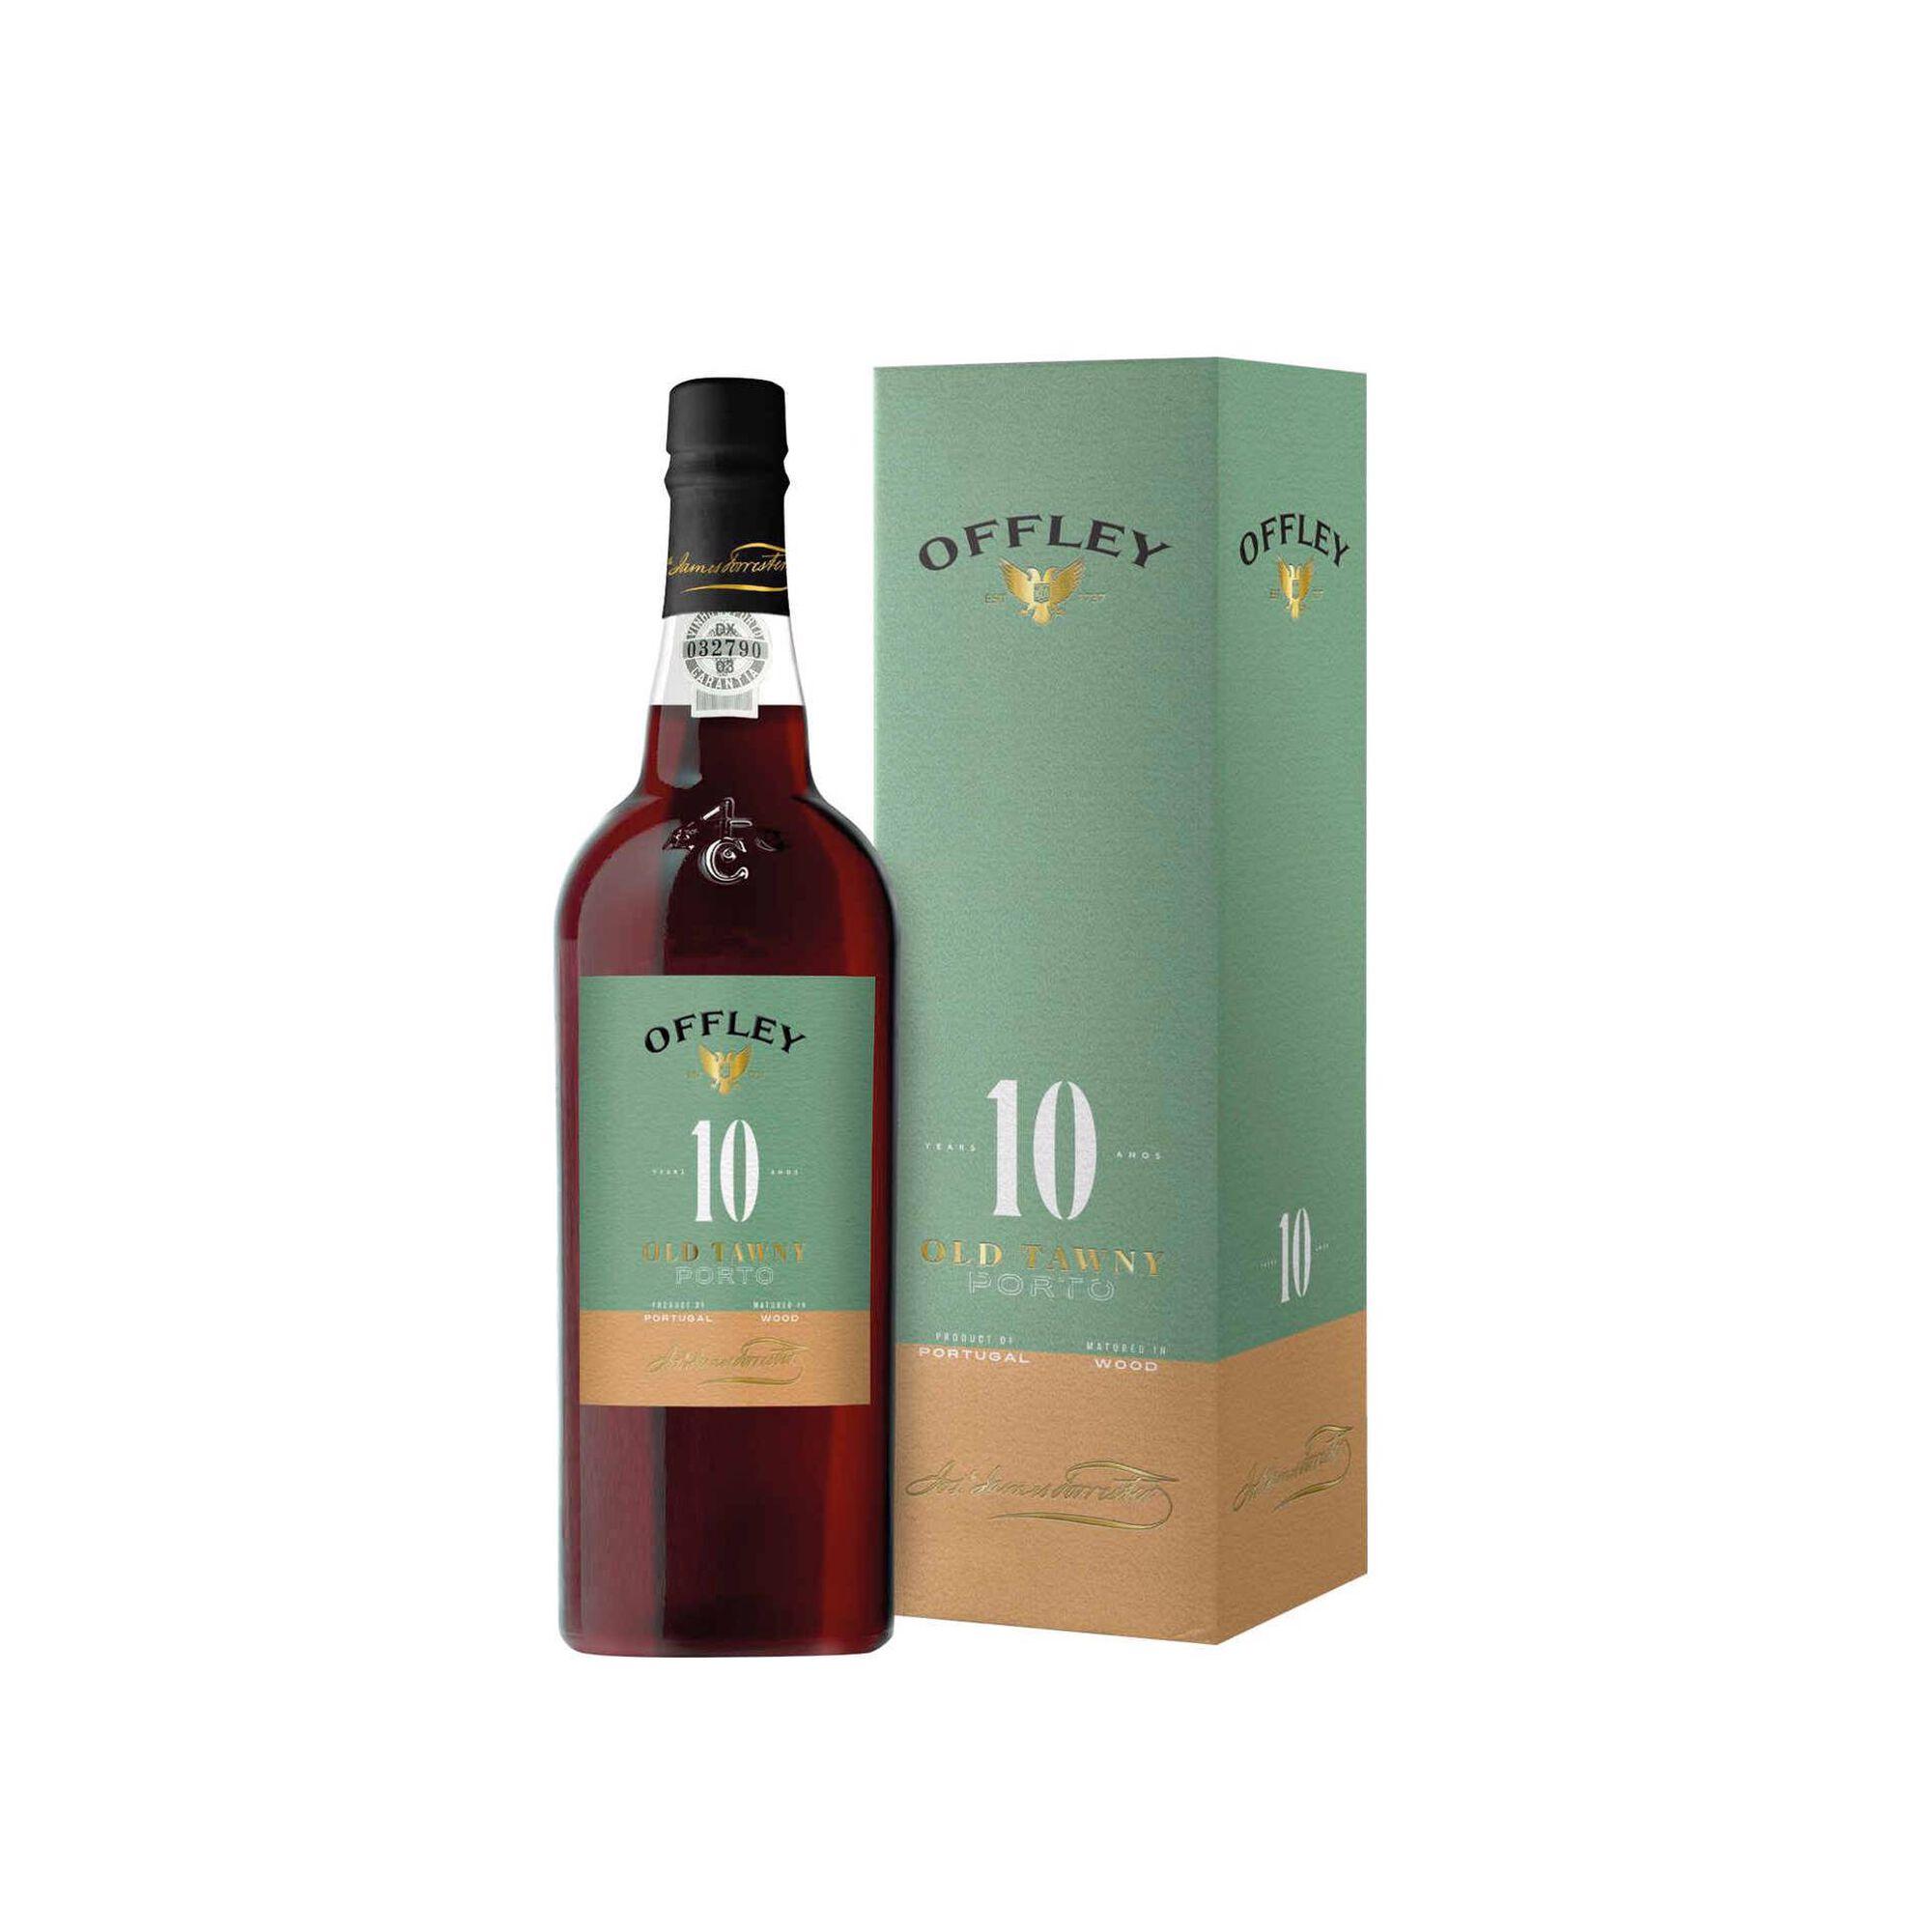 Offley Barão de Forrester Vinho do Porto Old Tawny 10 Anos